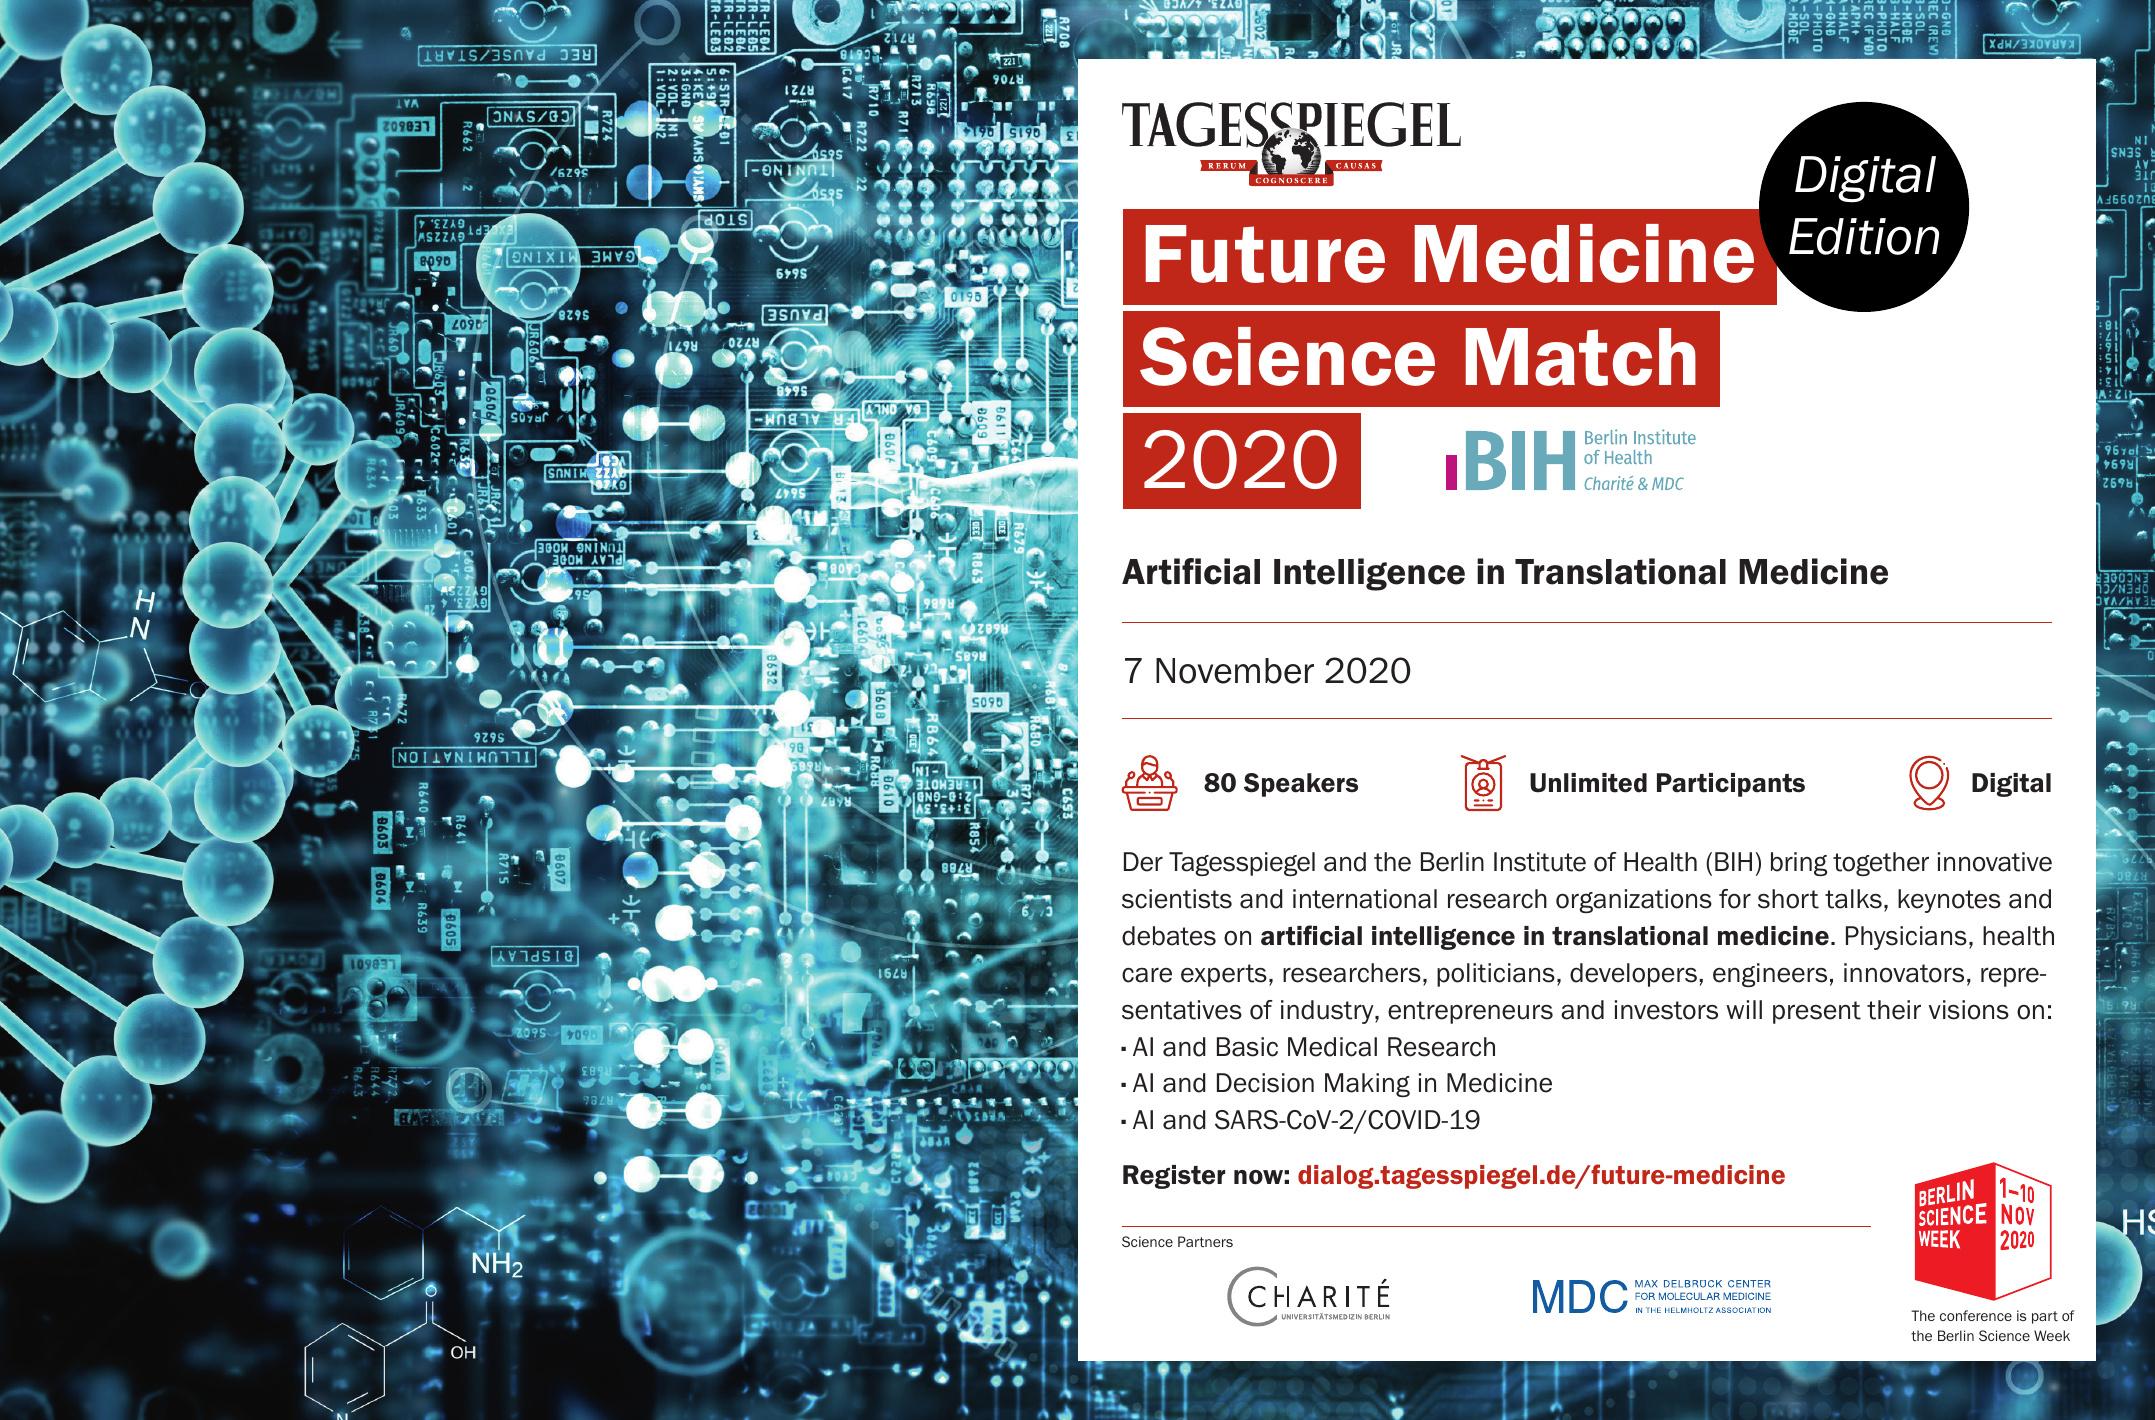 Future Medicine Science Match 2020